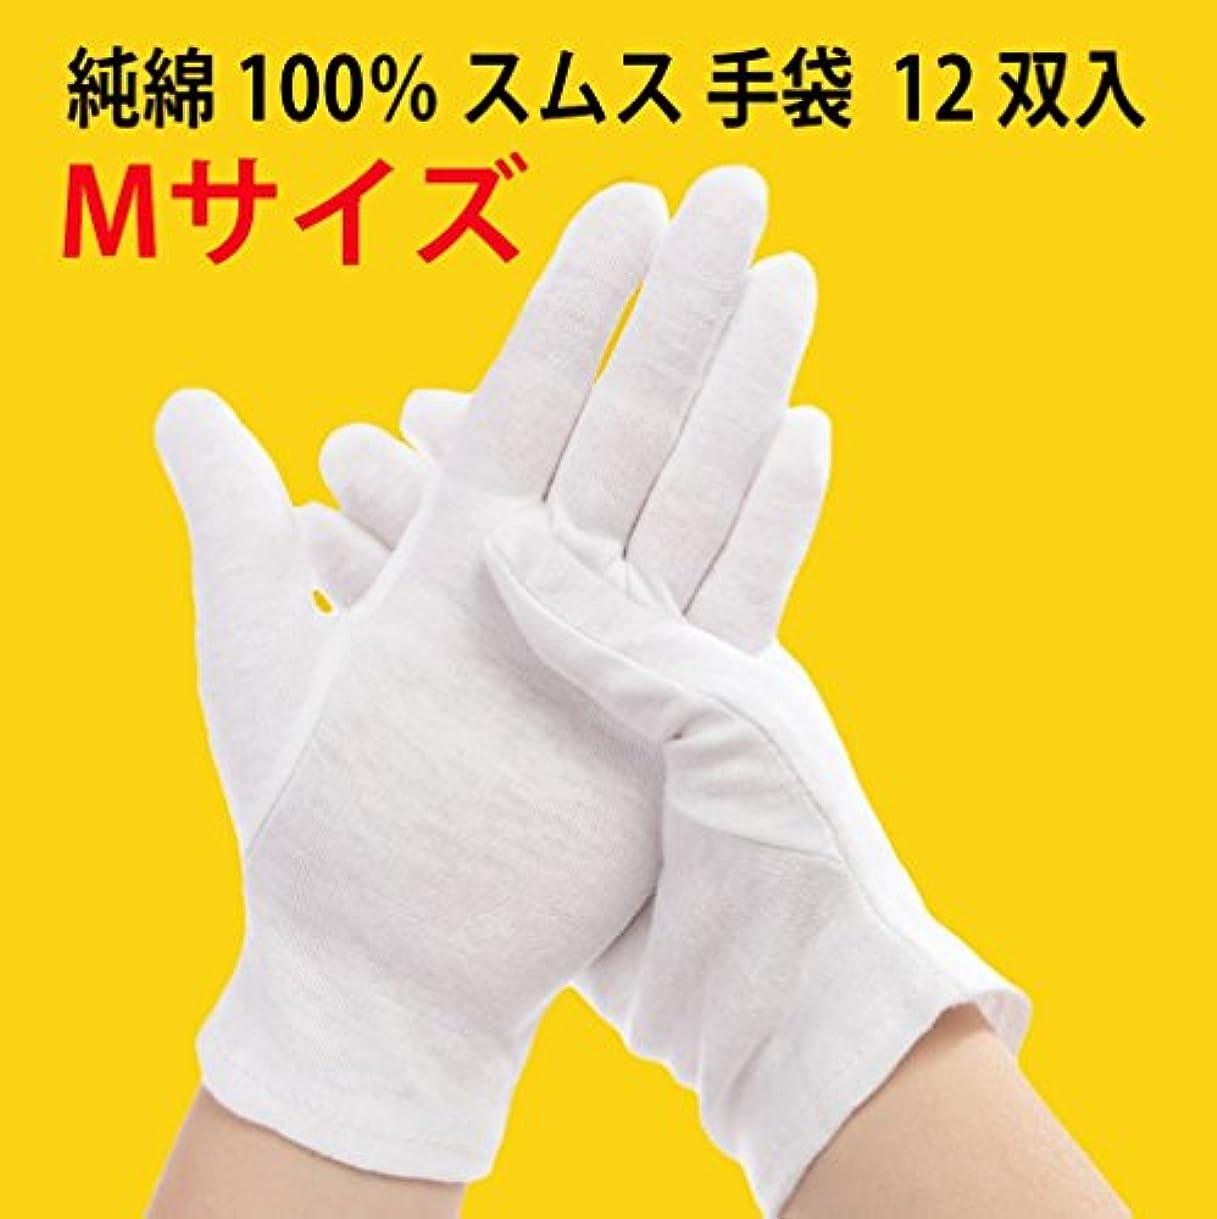 排出柔らかいペンフレンド純綿100% スムス 手袋 Mサイズ 12双 多用途 101115